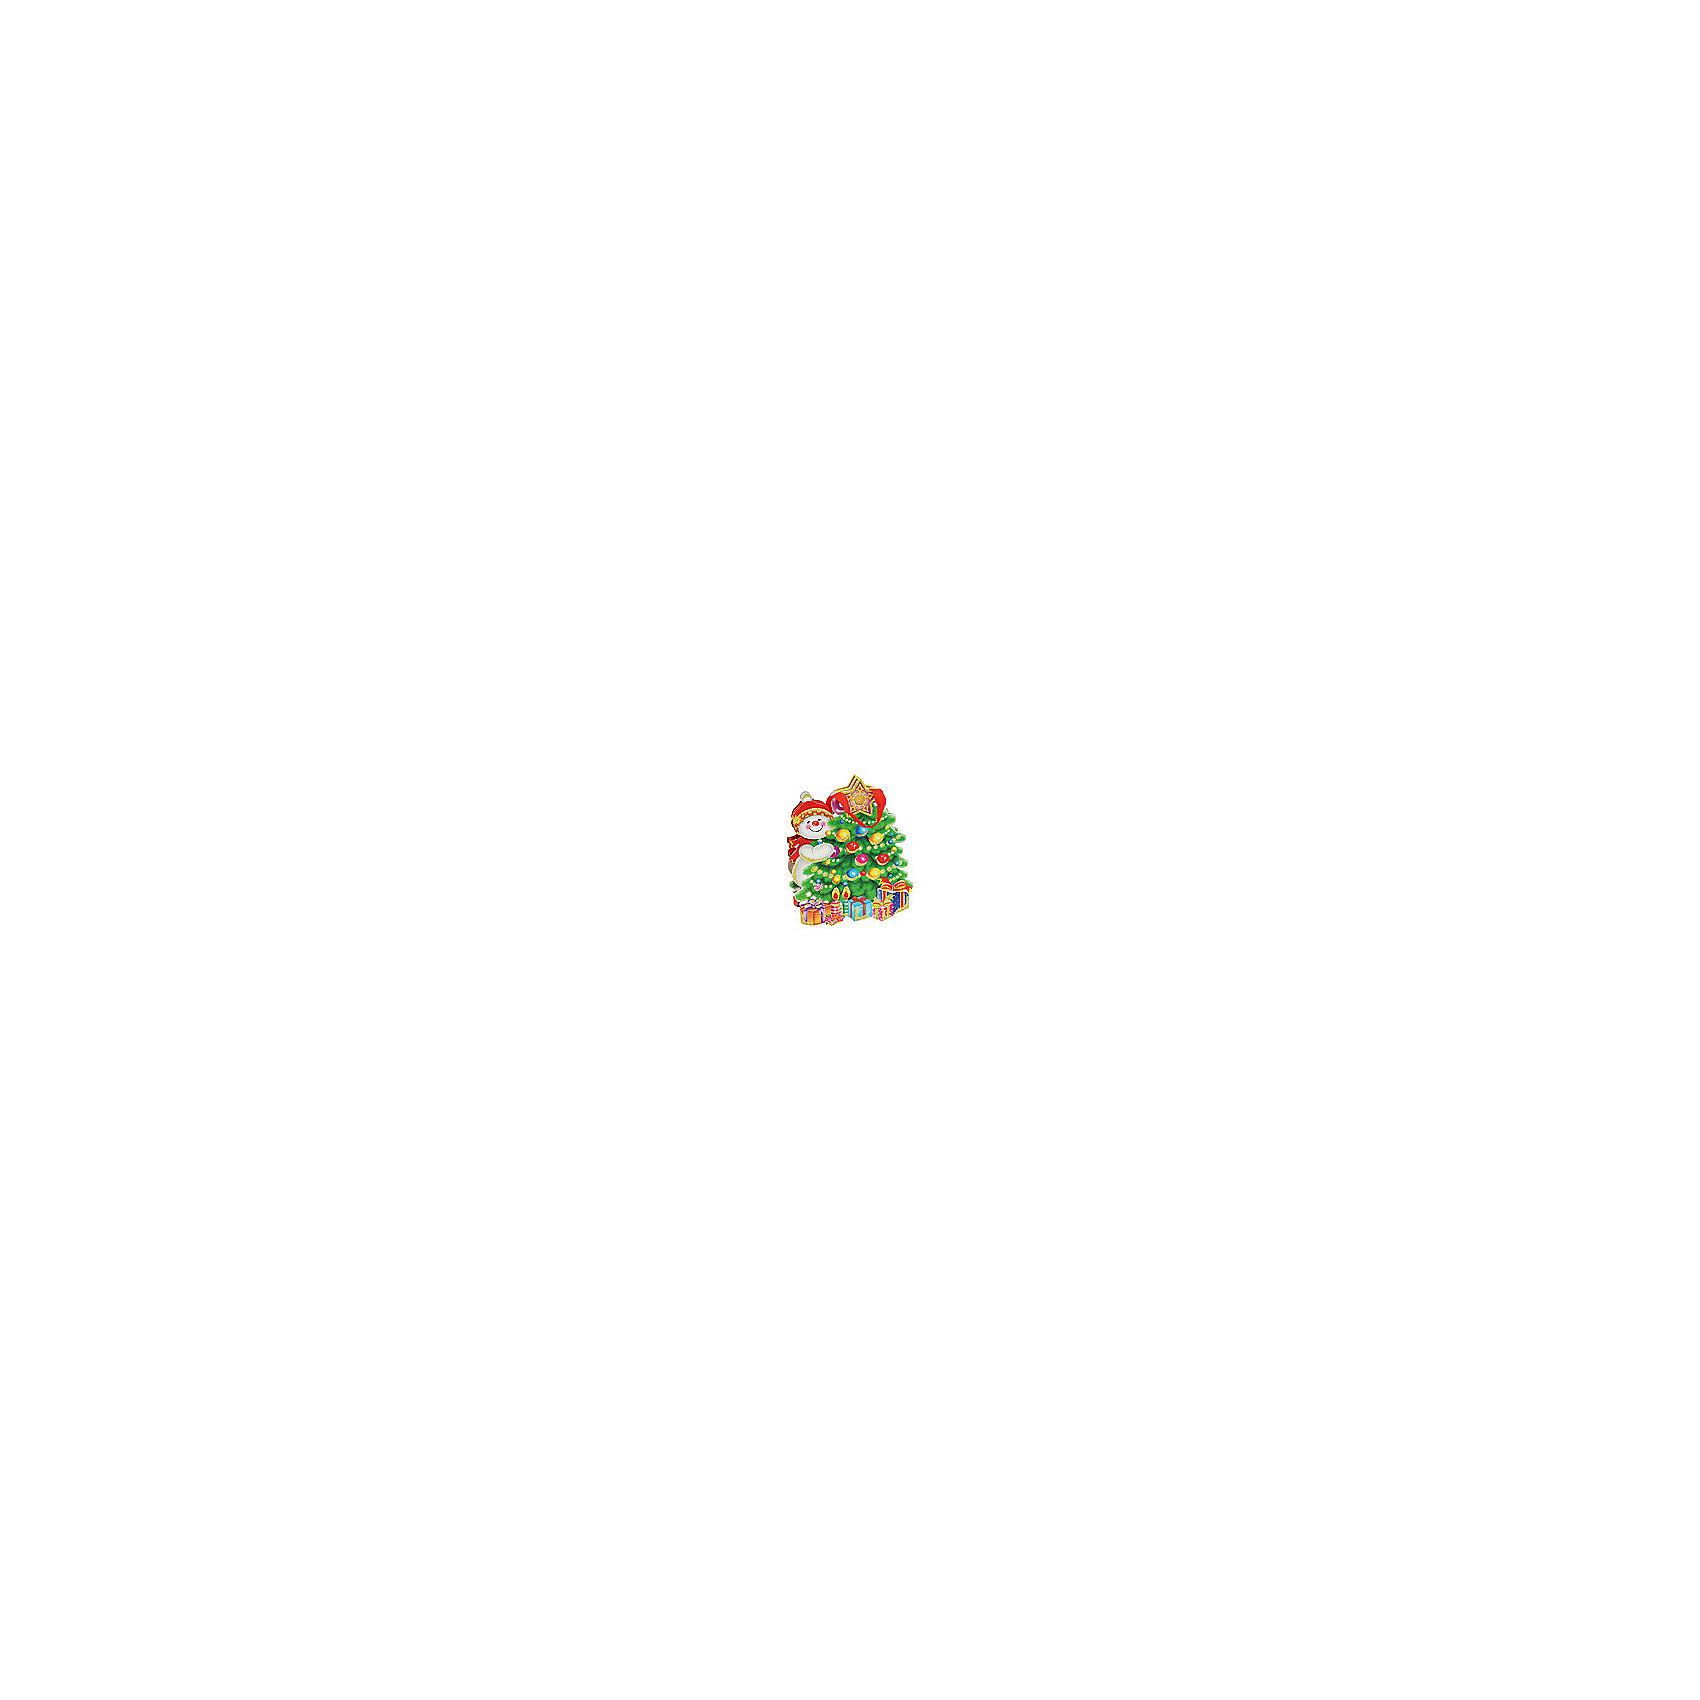 Пакет Снеговик и елкаВсё для праздника<br>Пакет Снеговик и елка, Белоснежка.<br><br>Характеристики:<br><br>• оригинальный дизайн<br>• удобные ручки<br>• прочные материалы<br>• состав: бумага<br>• размер: 25х26х8 см<br>• размер внутреннего пакета: 14,8х17х7,5 см<br><br>Снеговик и елка - восхитительный подарочный пакет, созданный специально для новогодних праздников. Он изготовлен из плотной бумаги и имеет удобные ручки из текстиля. Лицевая сторона пакета имеет необычную форму и украшена ярким рисунком со снеговиком, елкой и, конечно же, подарками!<br><br>Пакет Снеговик и елка вы можете купить в нашем интернет-магазине.<br><br>Ширина мм: 260<br>Глубина мм: 250<br>Высота мм: 80<br>Вес г: 40<br>Возраст от месяцев: 72<br>Возраст до месяцев: 144<br>Пол: Унисекс<br>Возраст: Детский<br>SKU: 5089605